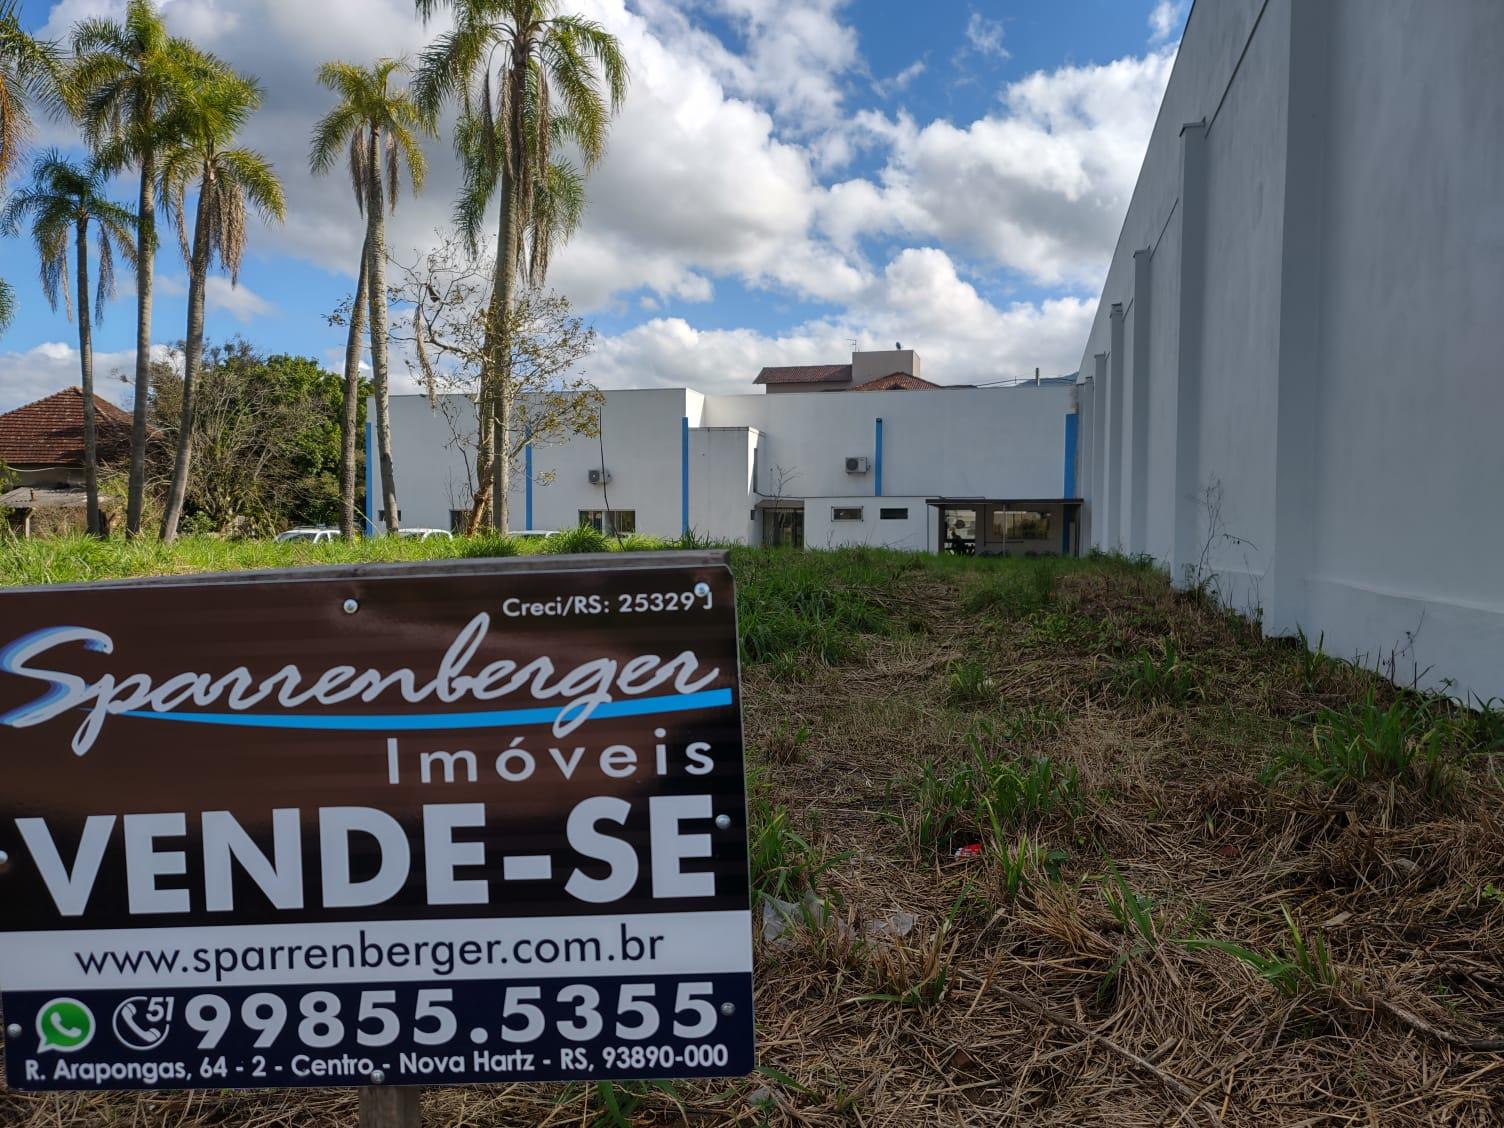 Fotos do imóvel Vendo Terreno Residencial Paraiso Em Nova Hartz - Sparrenberger Imóveis